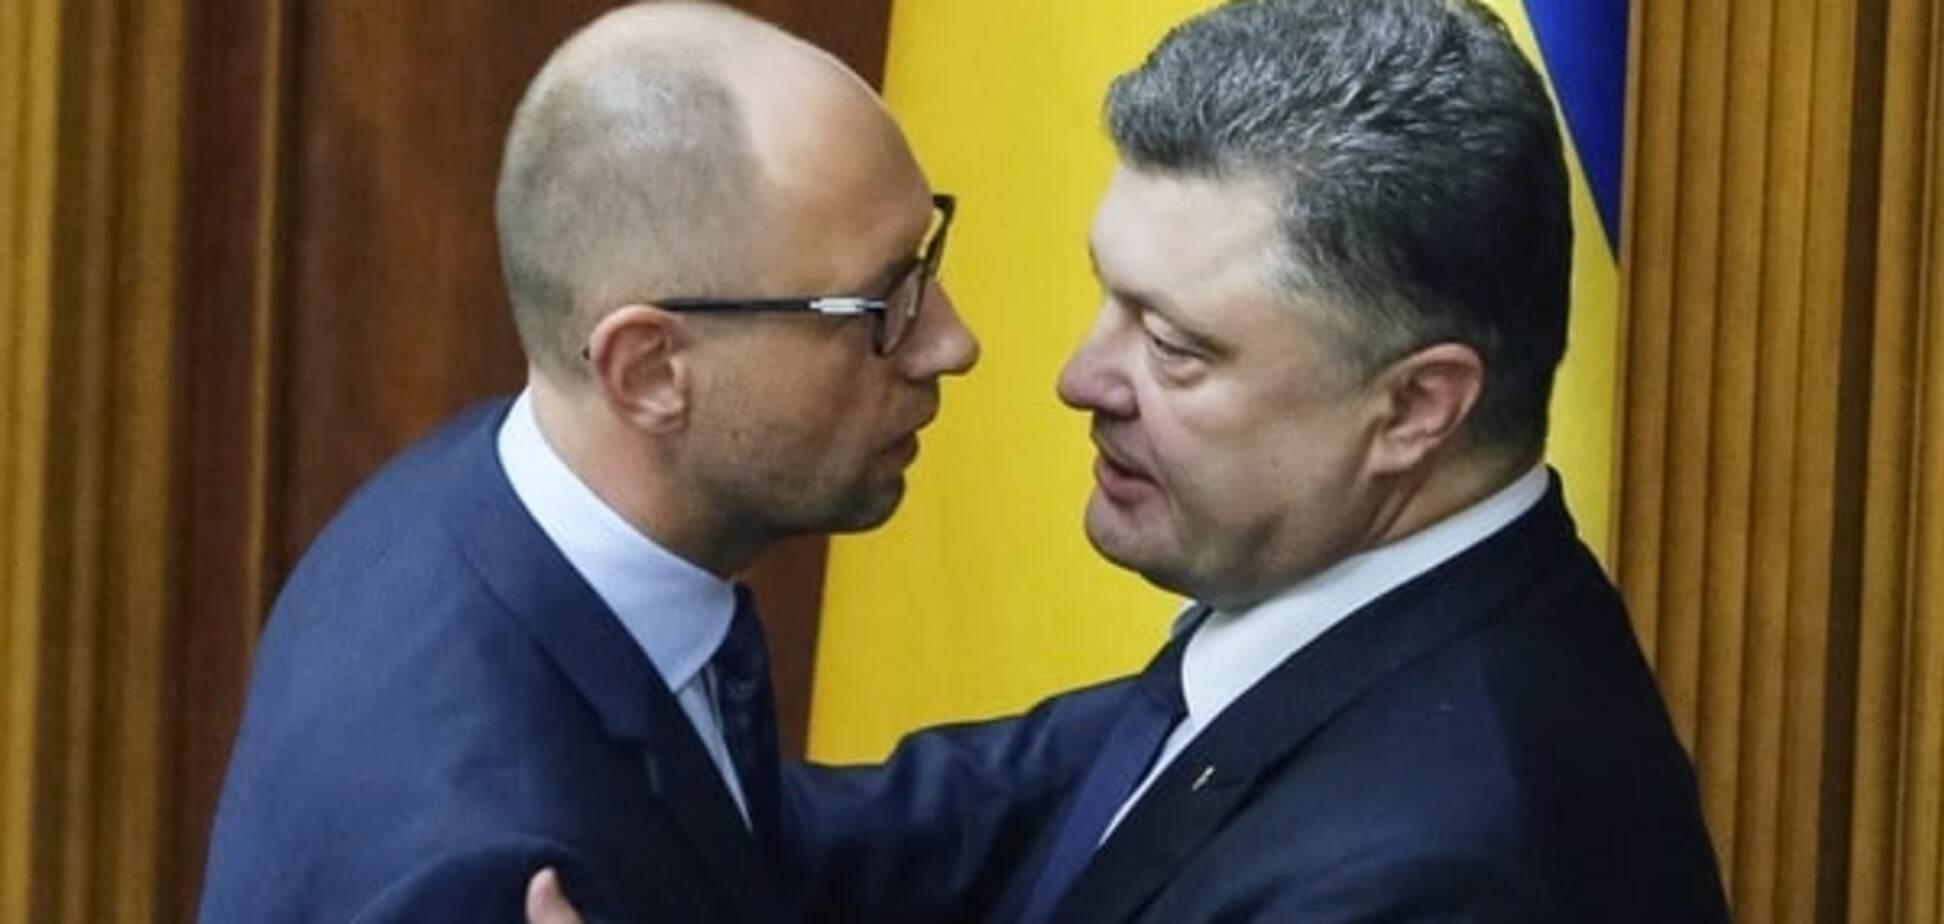 Политический труп: эксперт рассказал, чем Яценюк выгоден для Порошенко